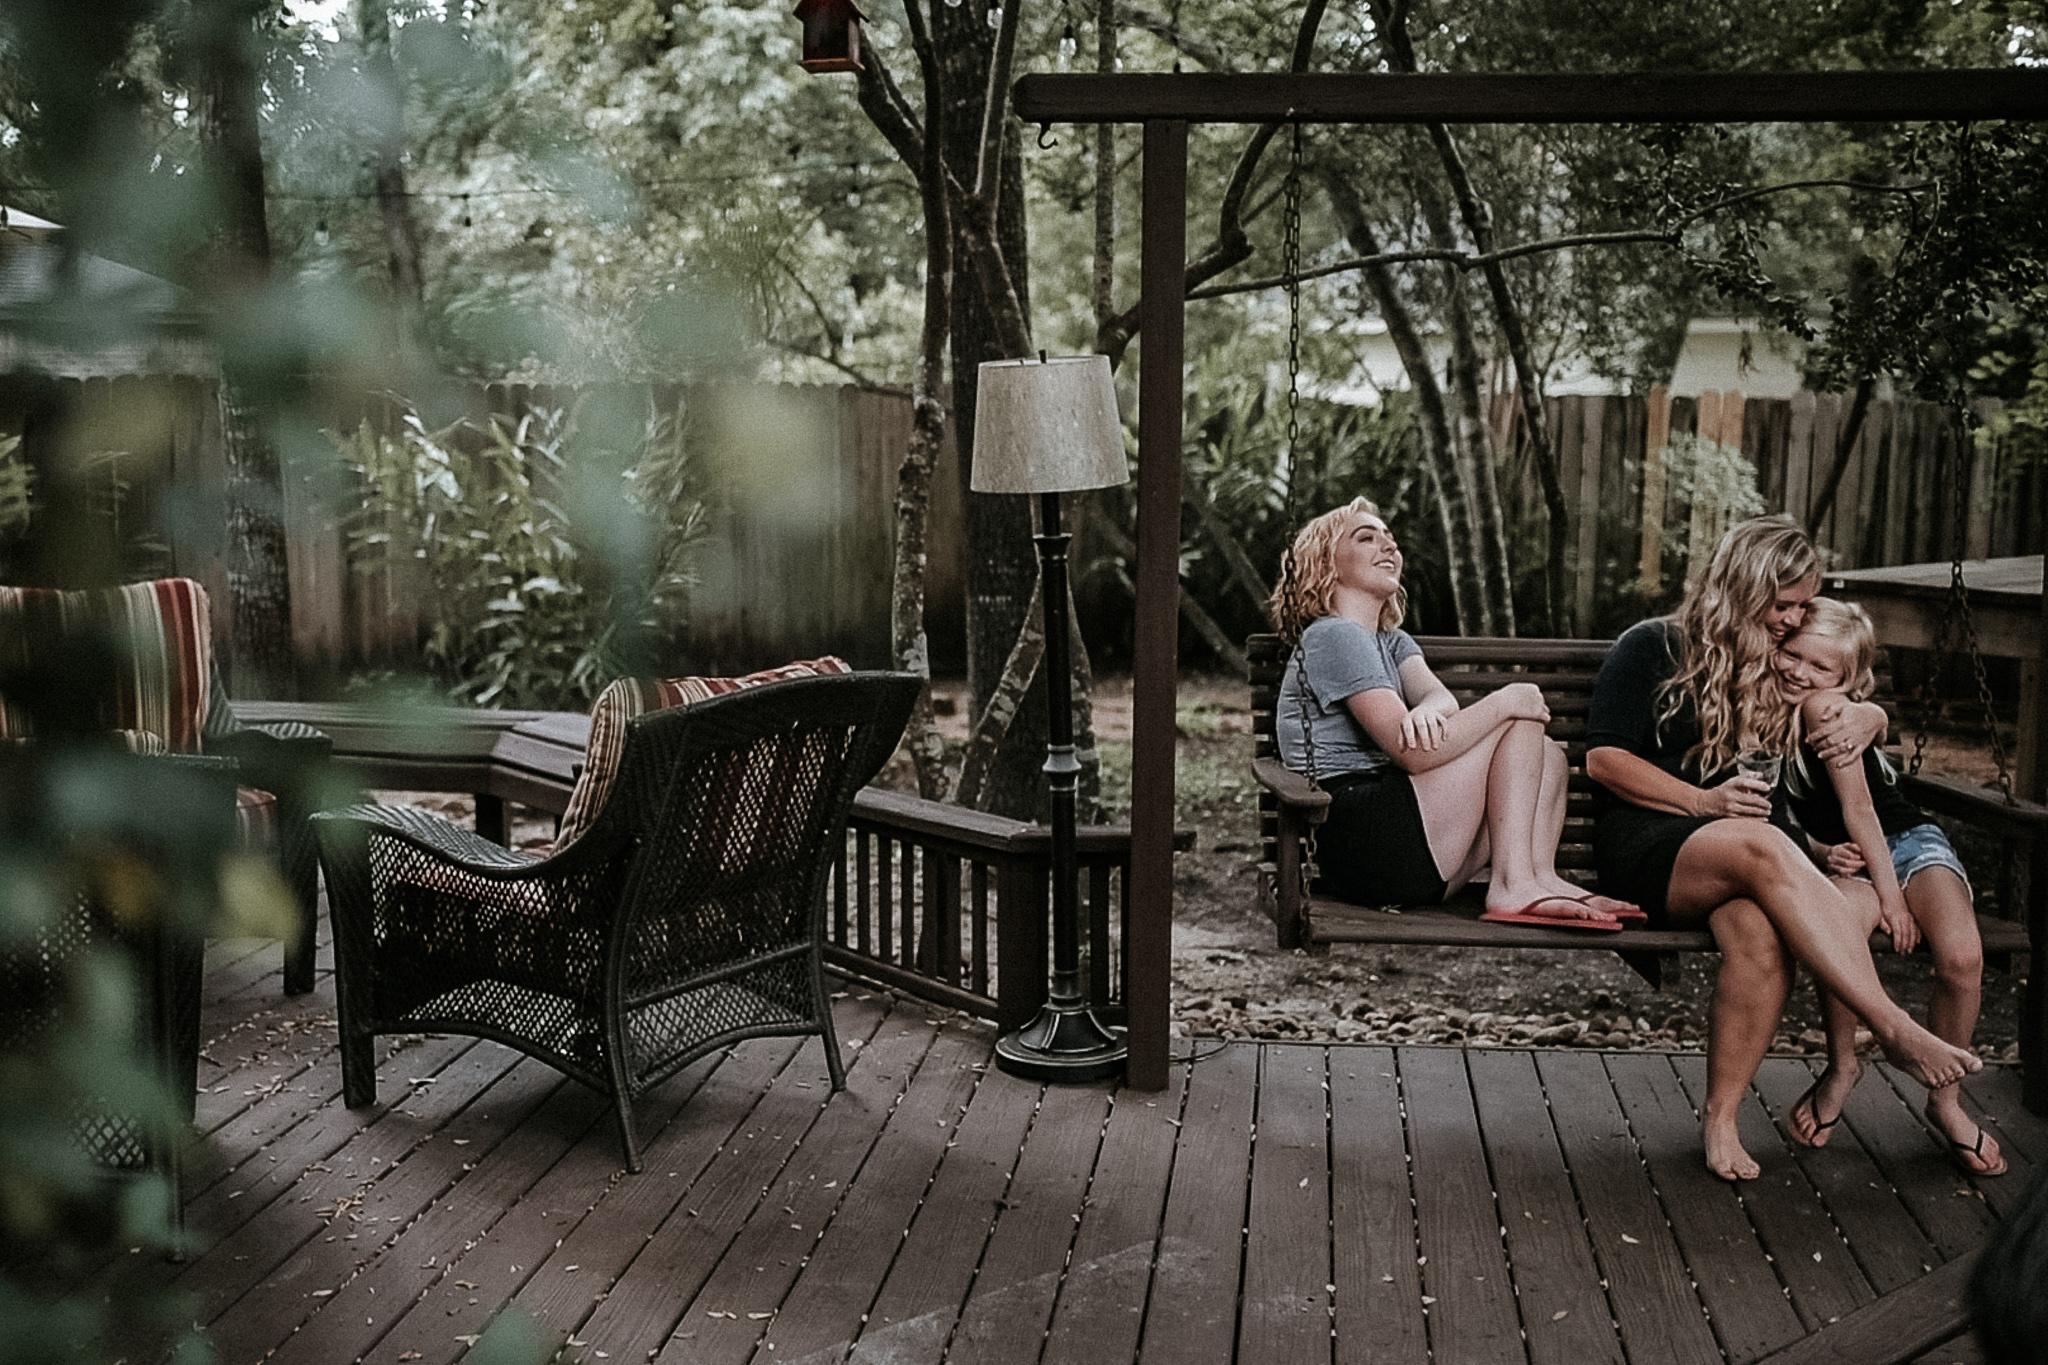 Good things happen on backyard swings…